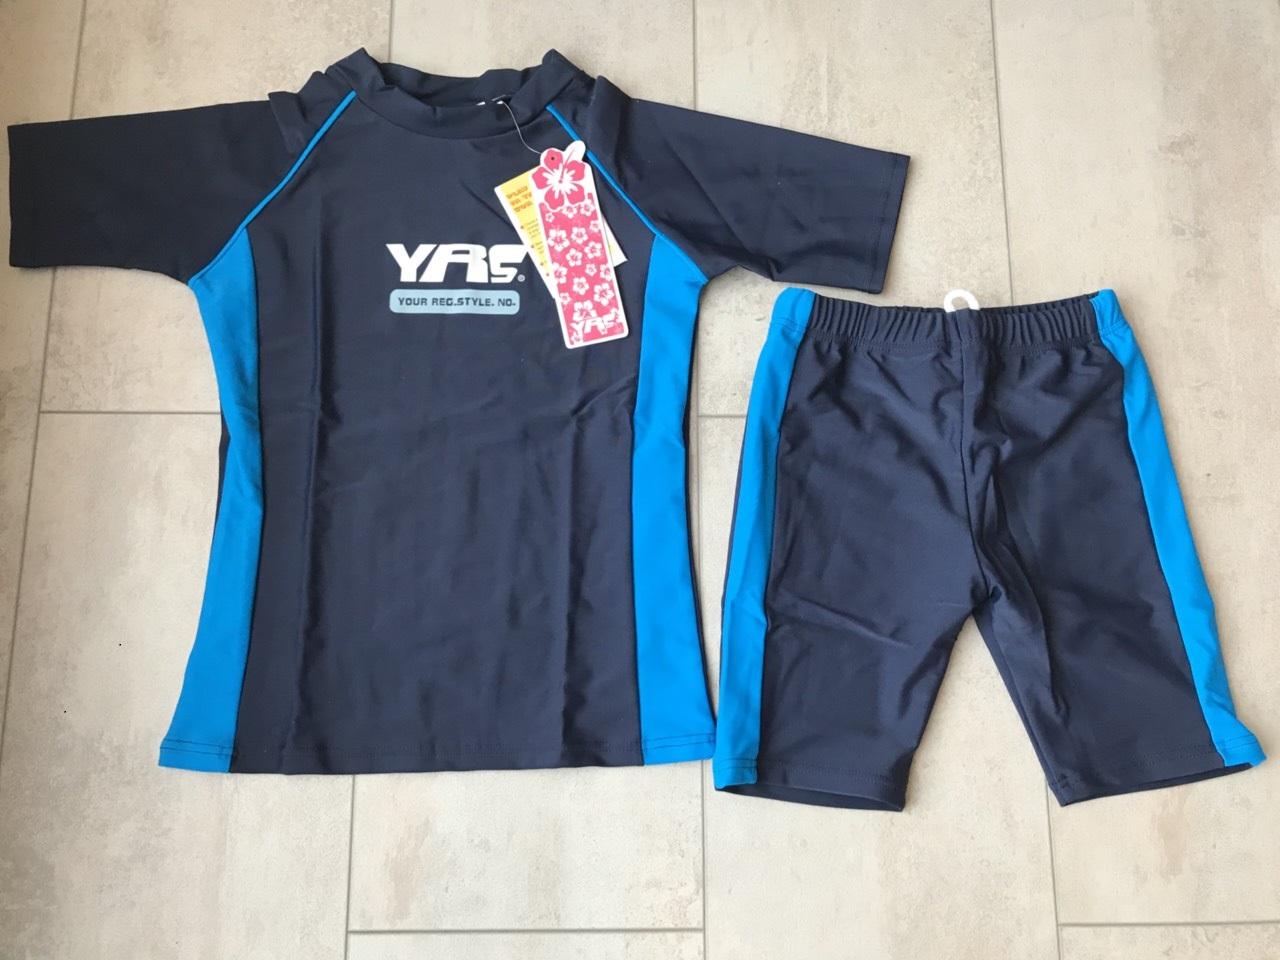 UV- Kinder Zwemsetje – Unisex (donkerblauw)